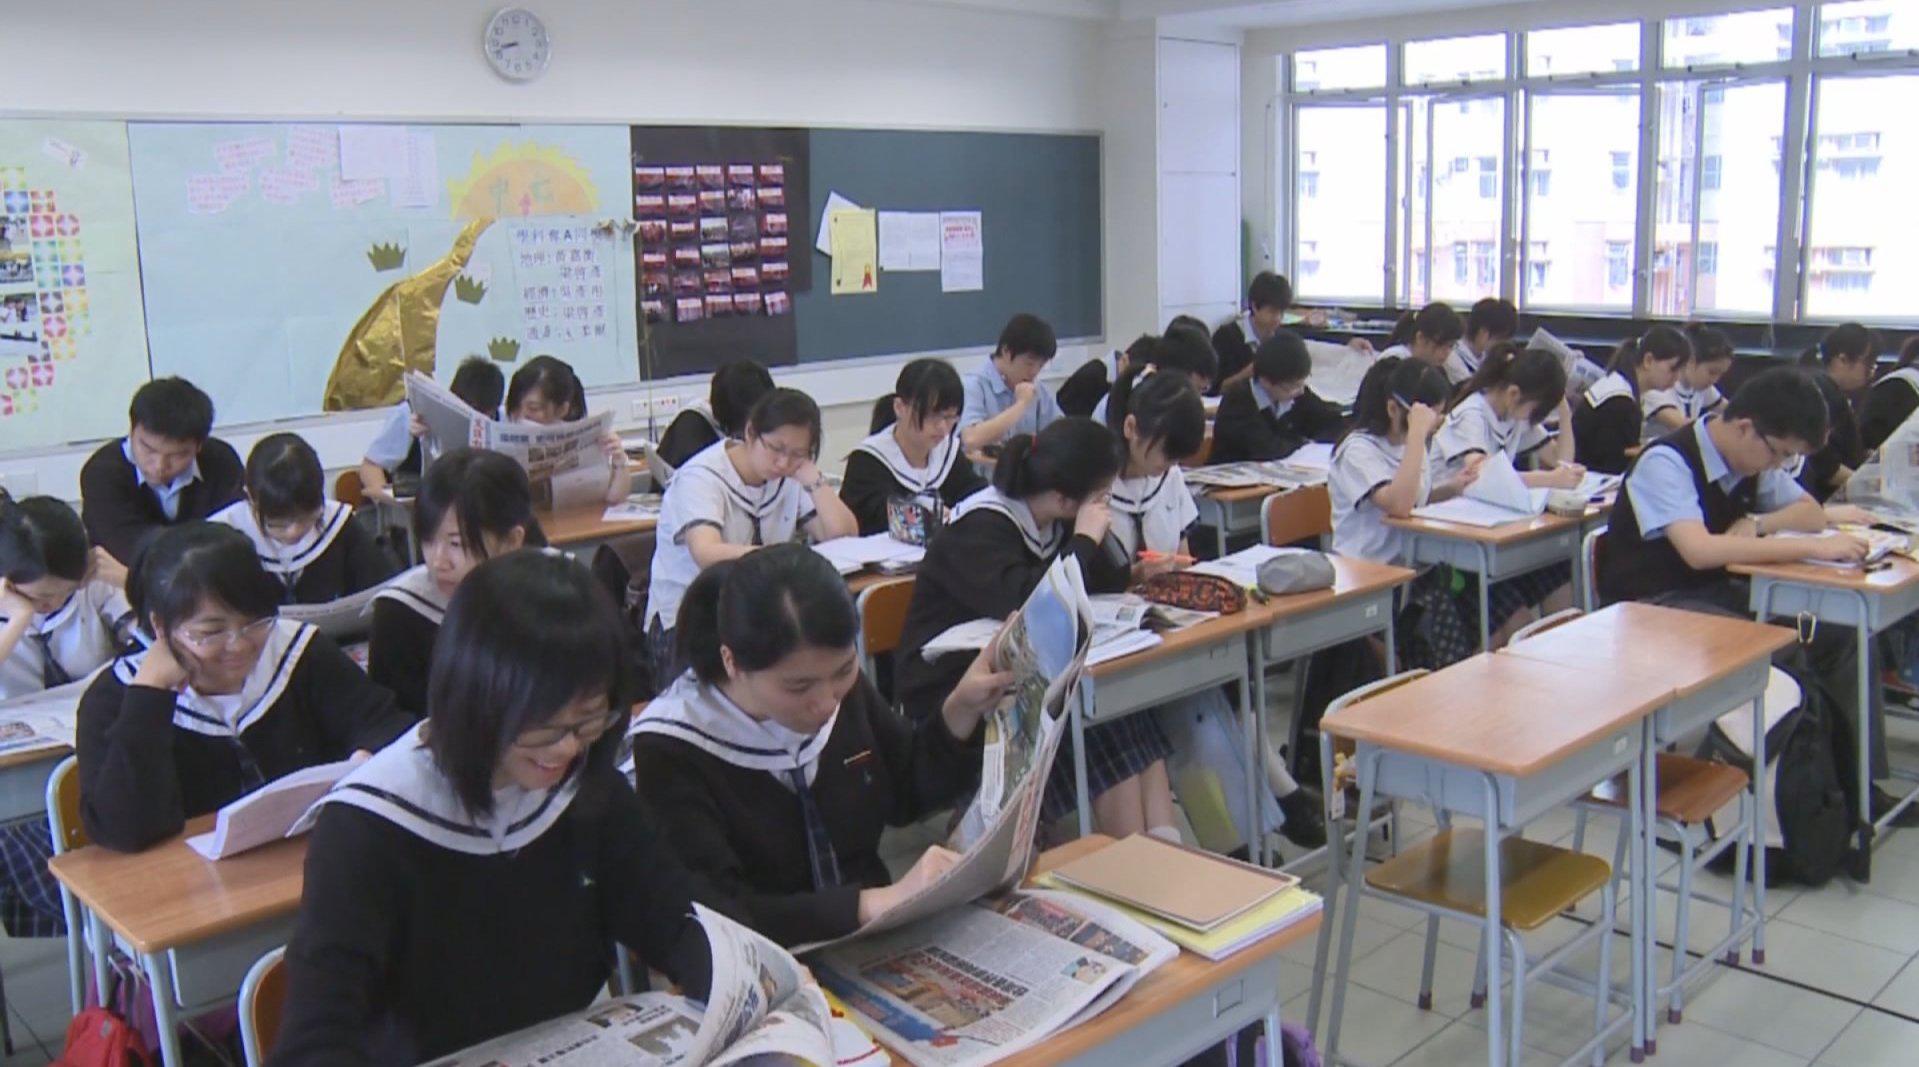 香港教育将迎来重大改革:正制订国安法课程大纲及教材